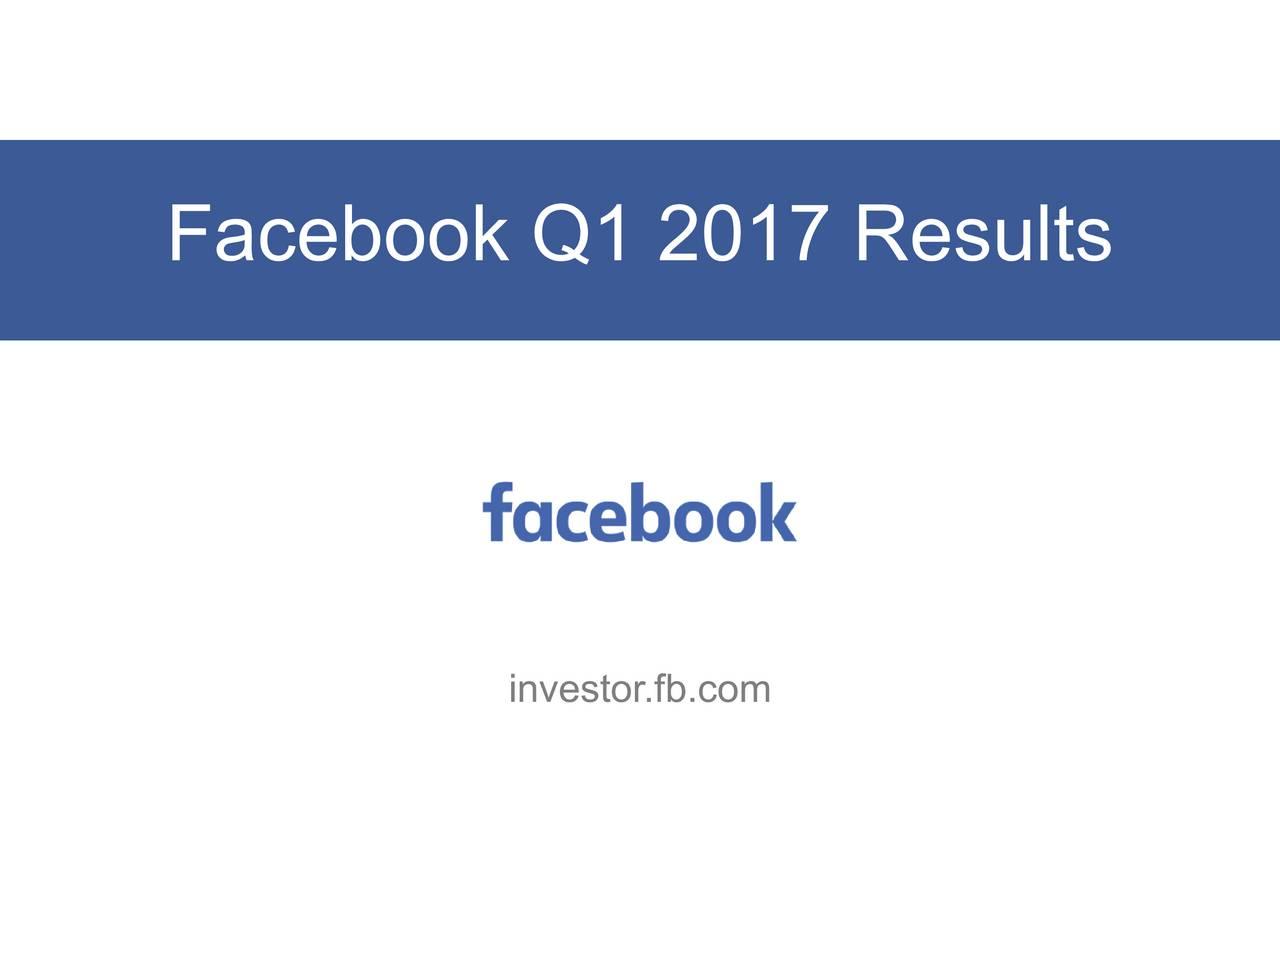 investor.fb.com